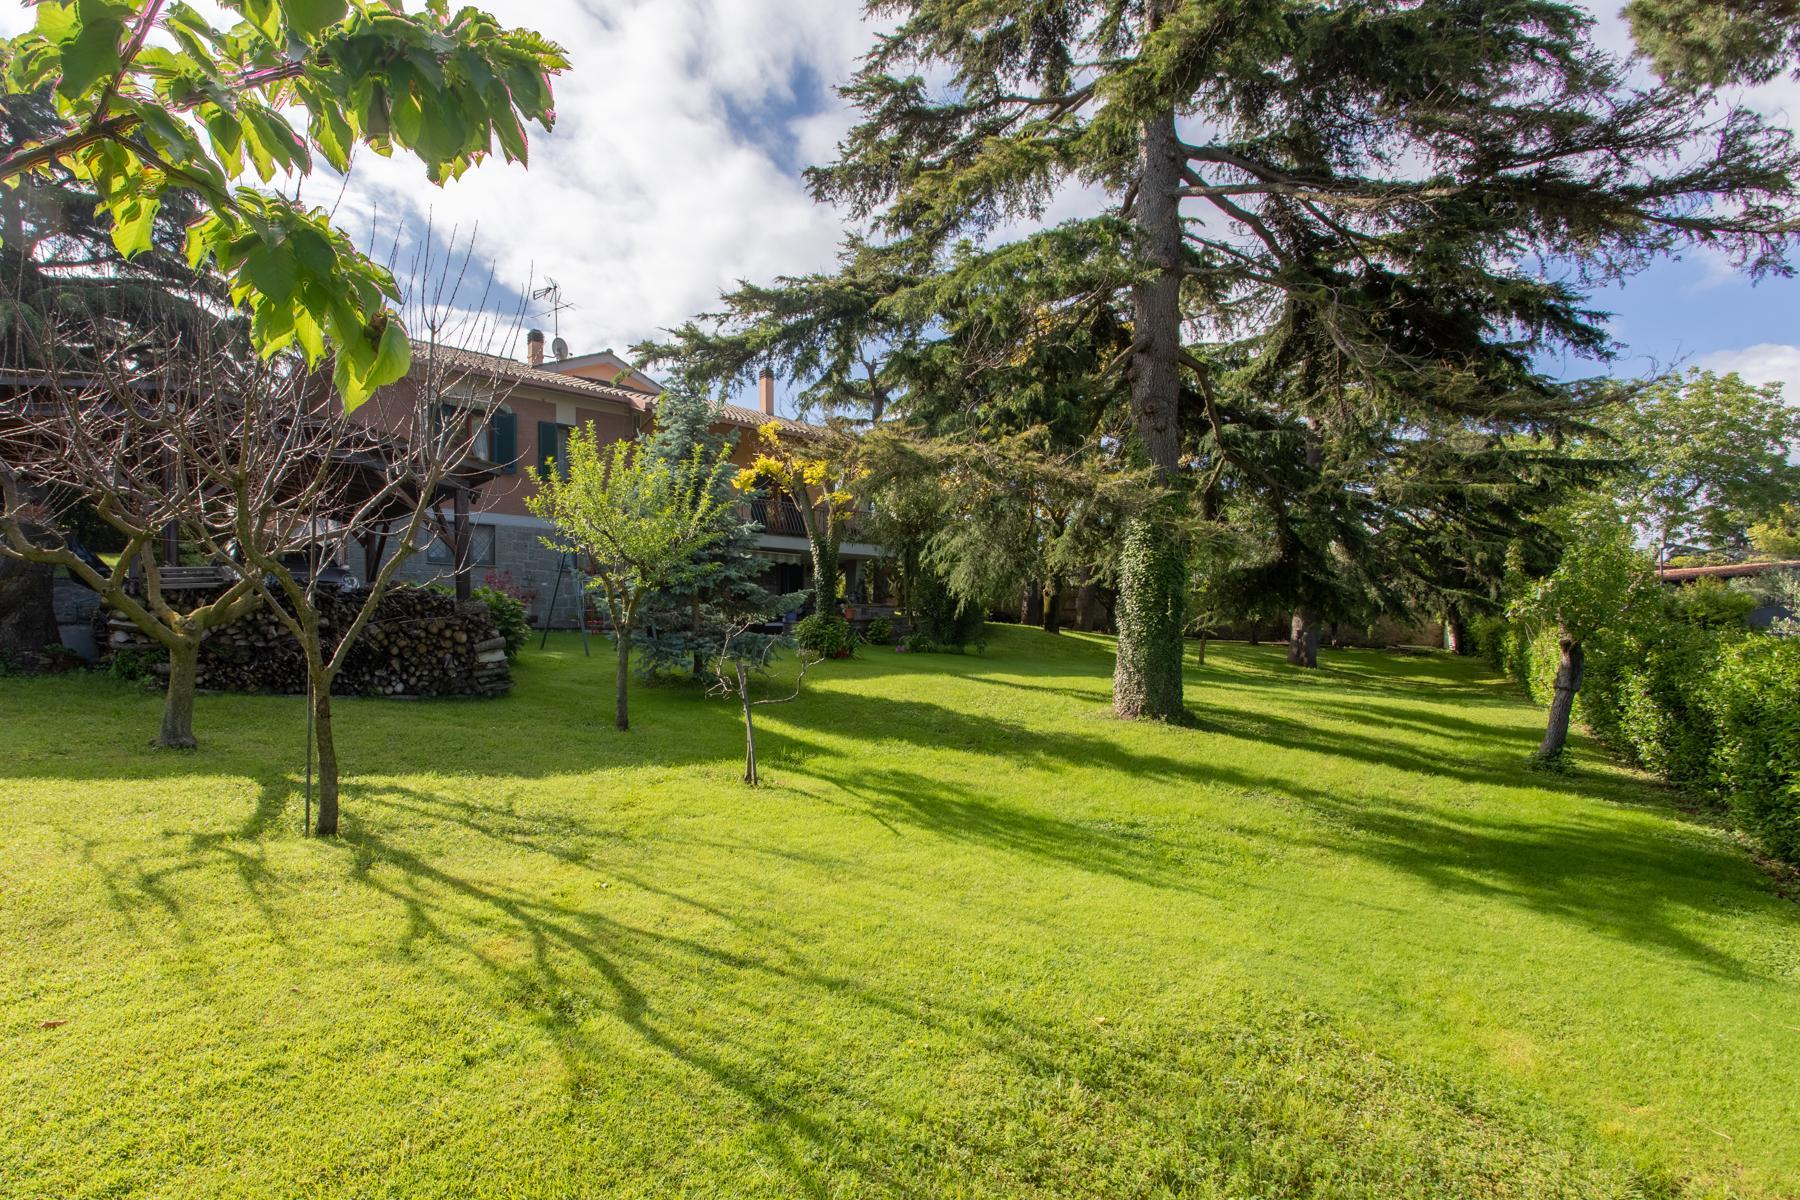 Incantevole Villa nei pressi di Castel Gandolfo - 3